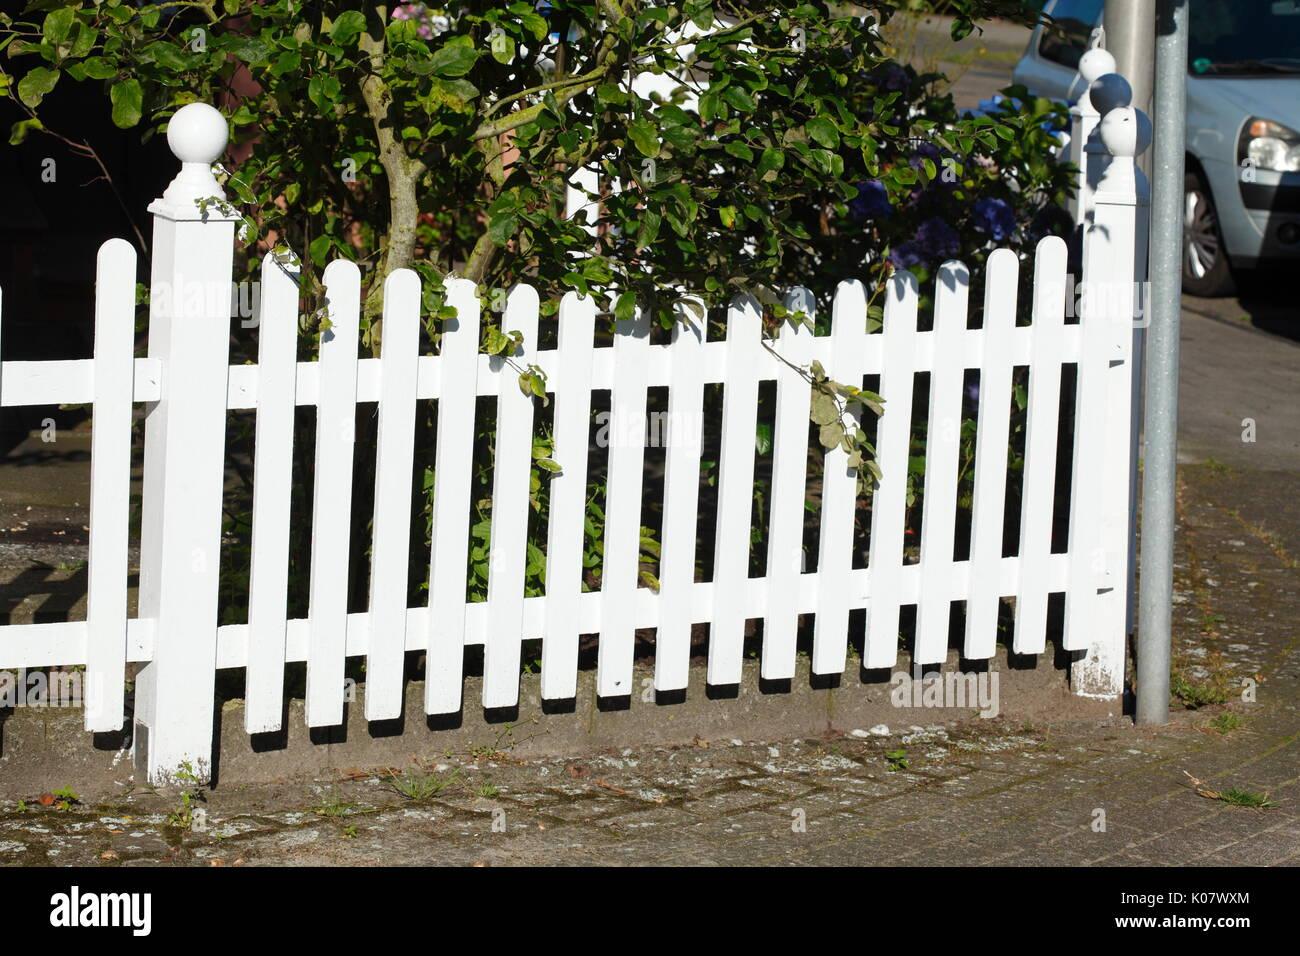 Weiss Holz Garten Zaun Mit Pflanzen Stockfotografie Alamy